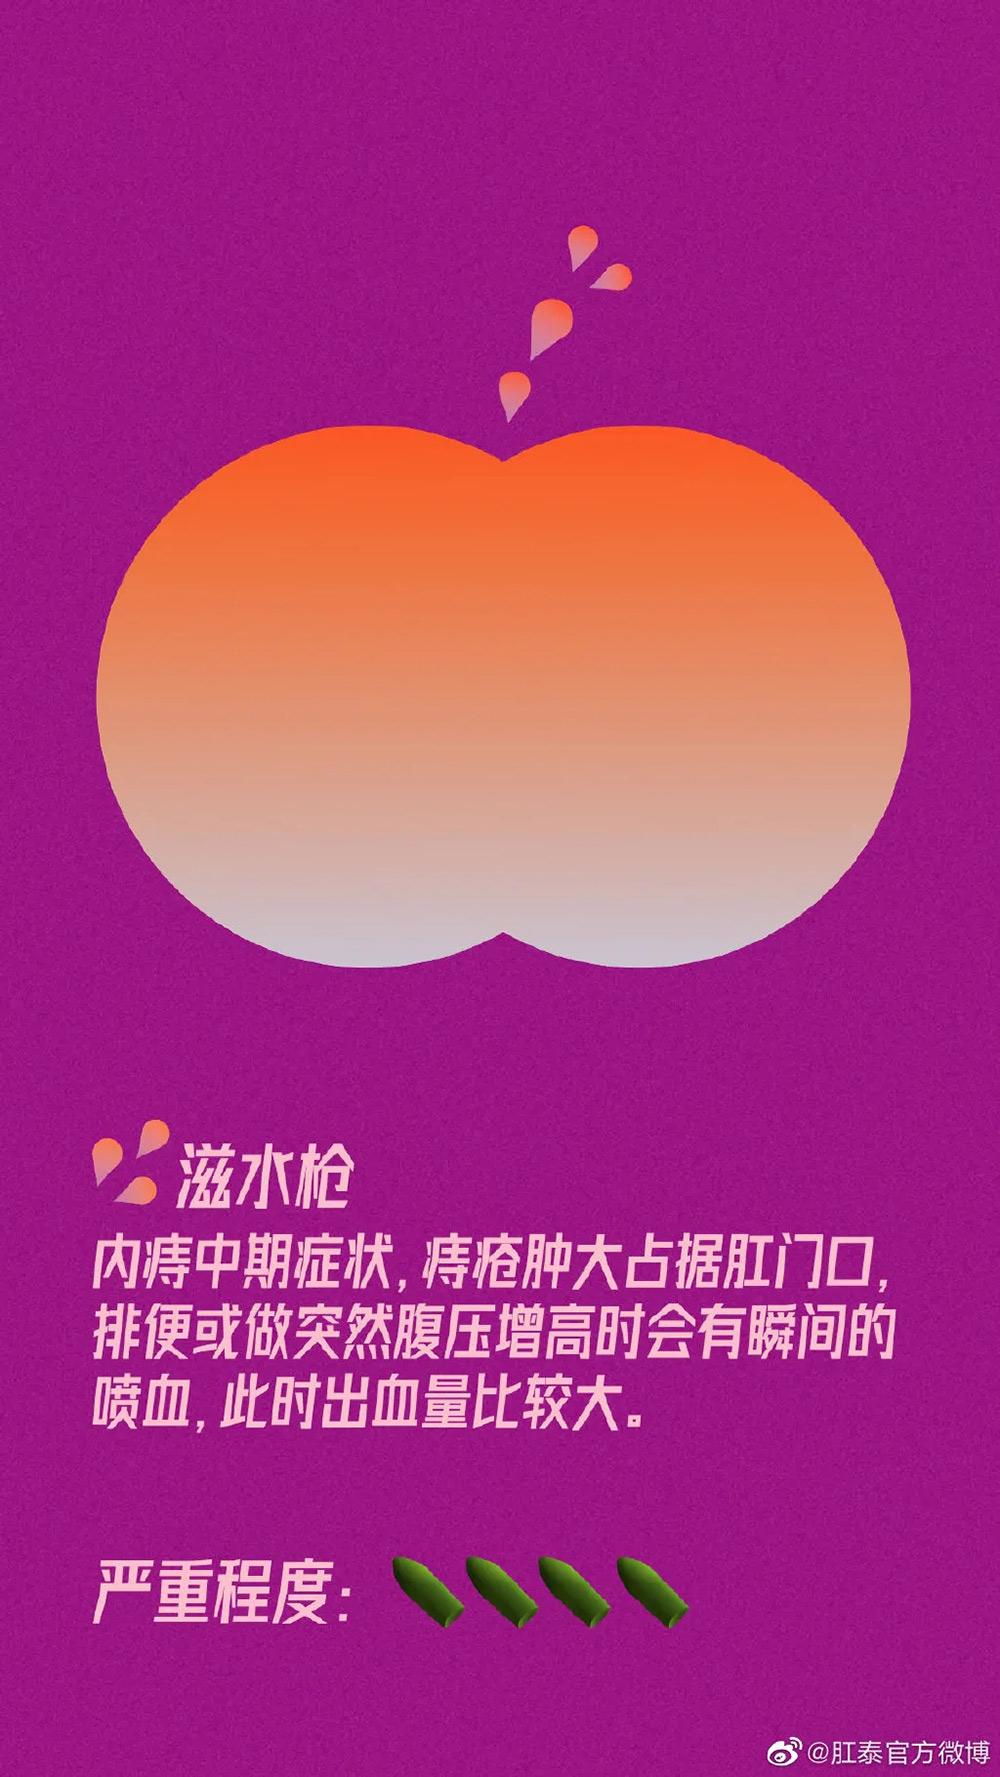 不忍直视!肛泰趣味商业海报设计